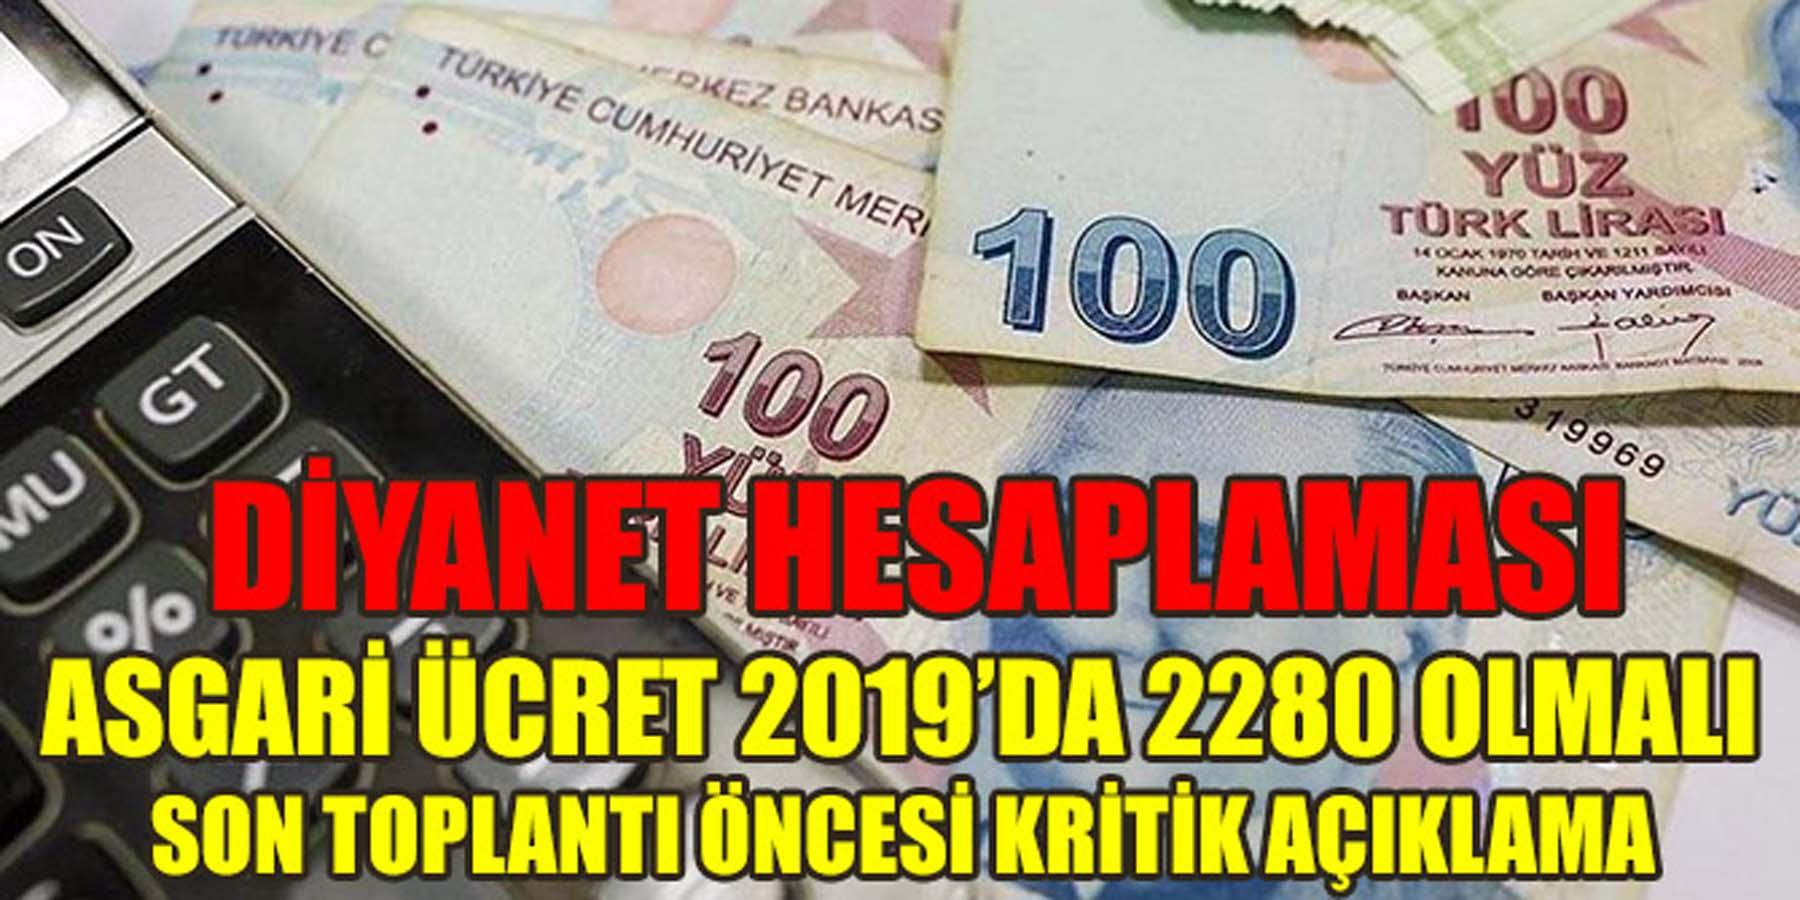 Diyanet Hesaplaması Asgari Ücret 2019'da 2280 Lira Olmalı Açıklaması